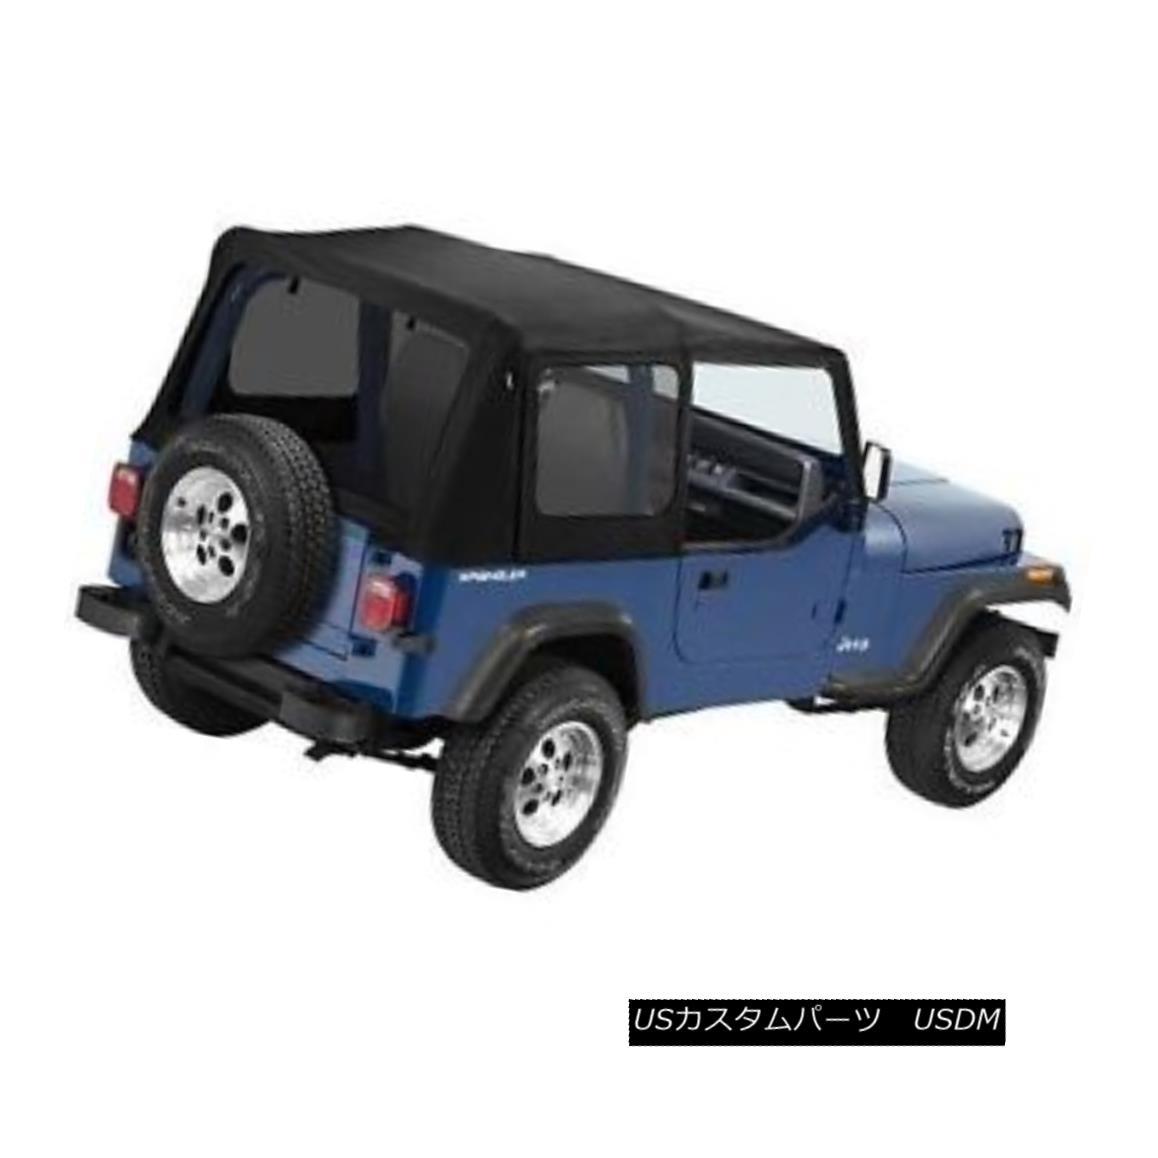 幌・ソフトトップ Bestop Supertop NX 88-95 Jeep Wrangler YJ Tinted No Doors Black Denim Bestop Supertop NX 88-95ジープラングラーYJティンテッドノードアズブラックデニム